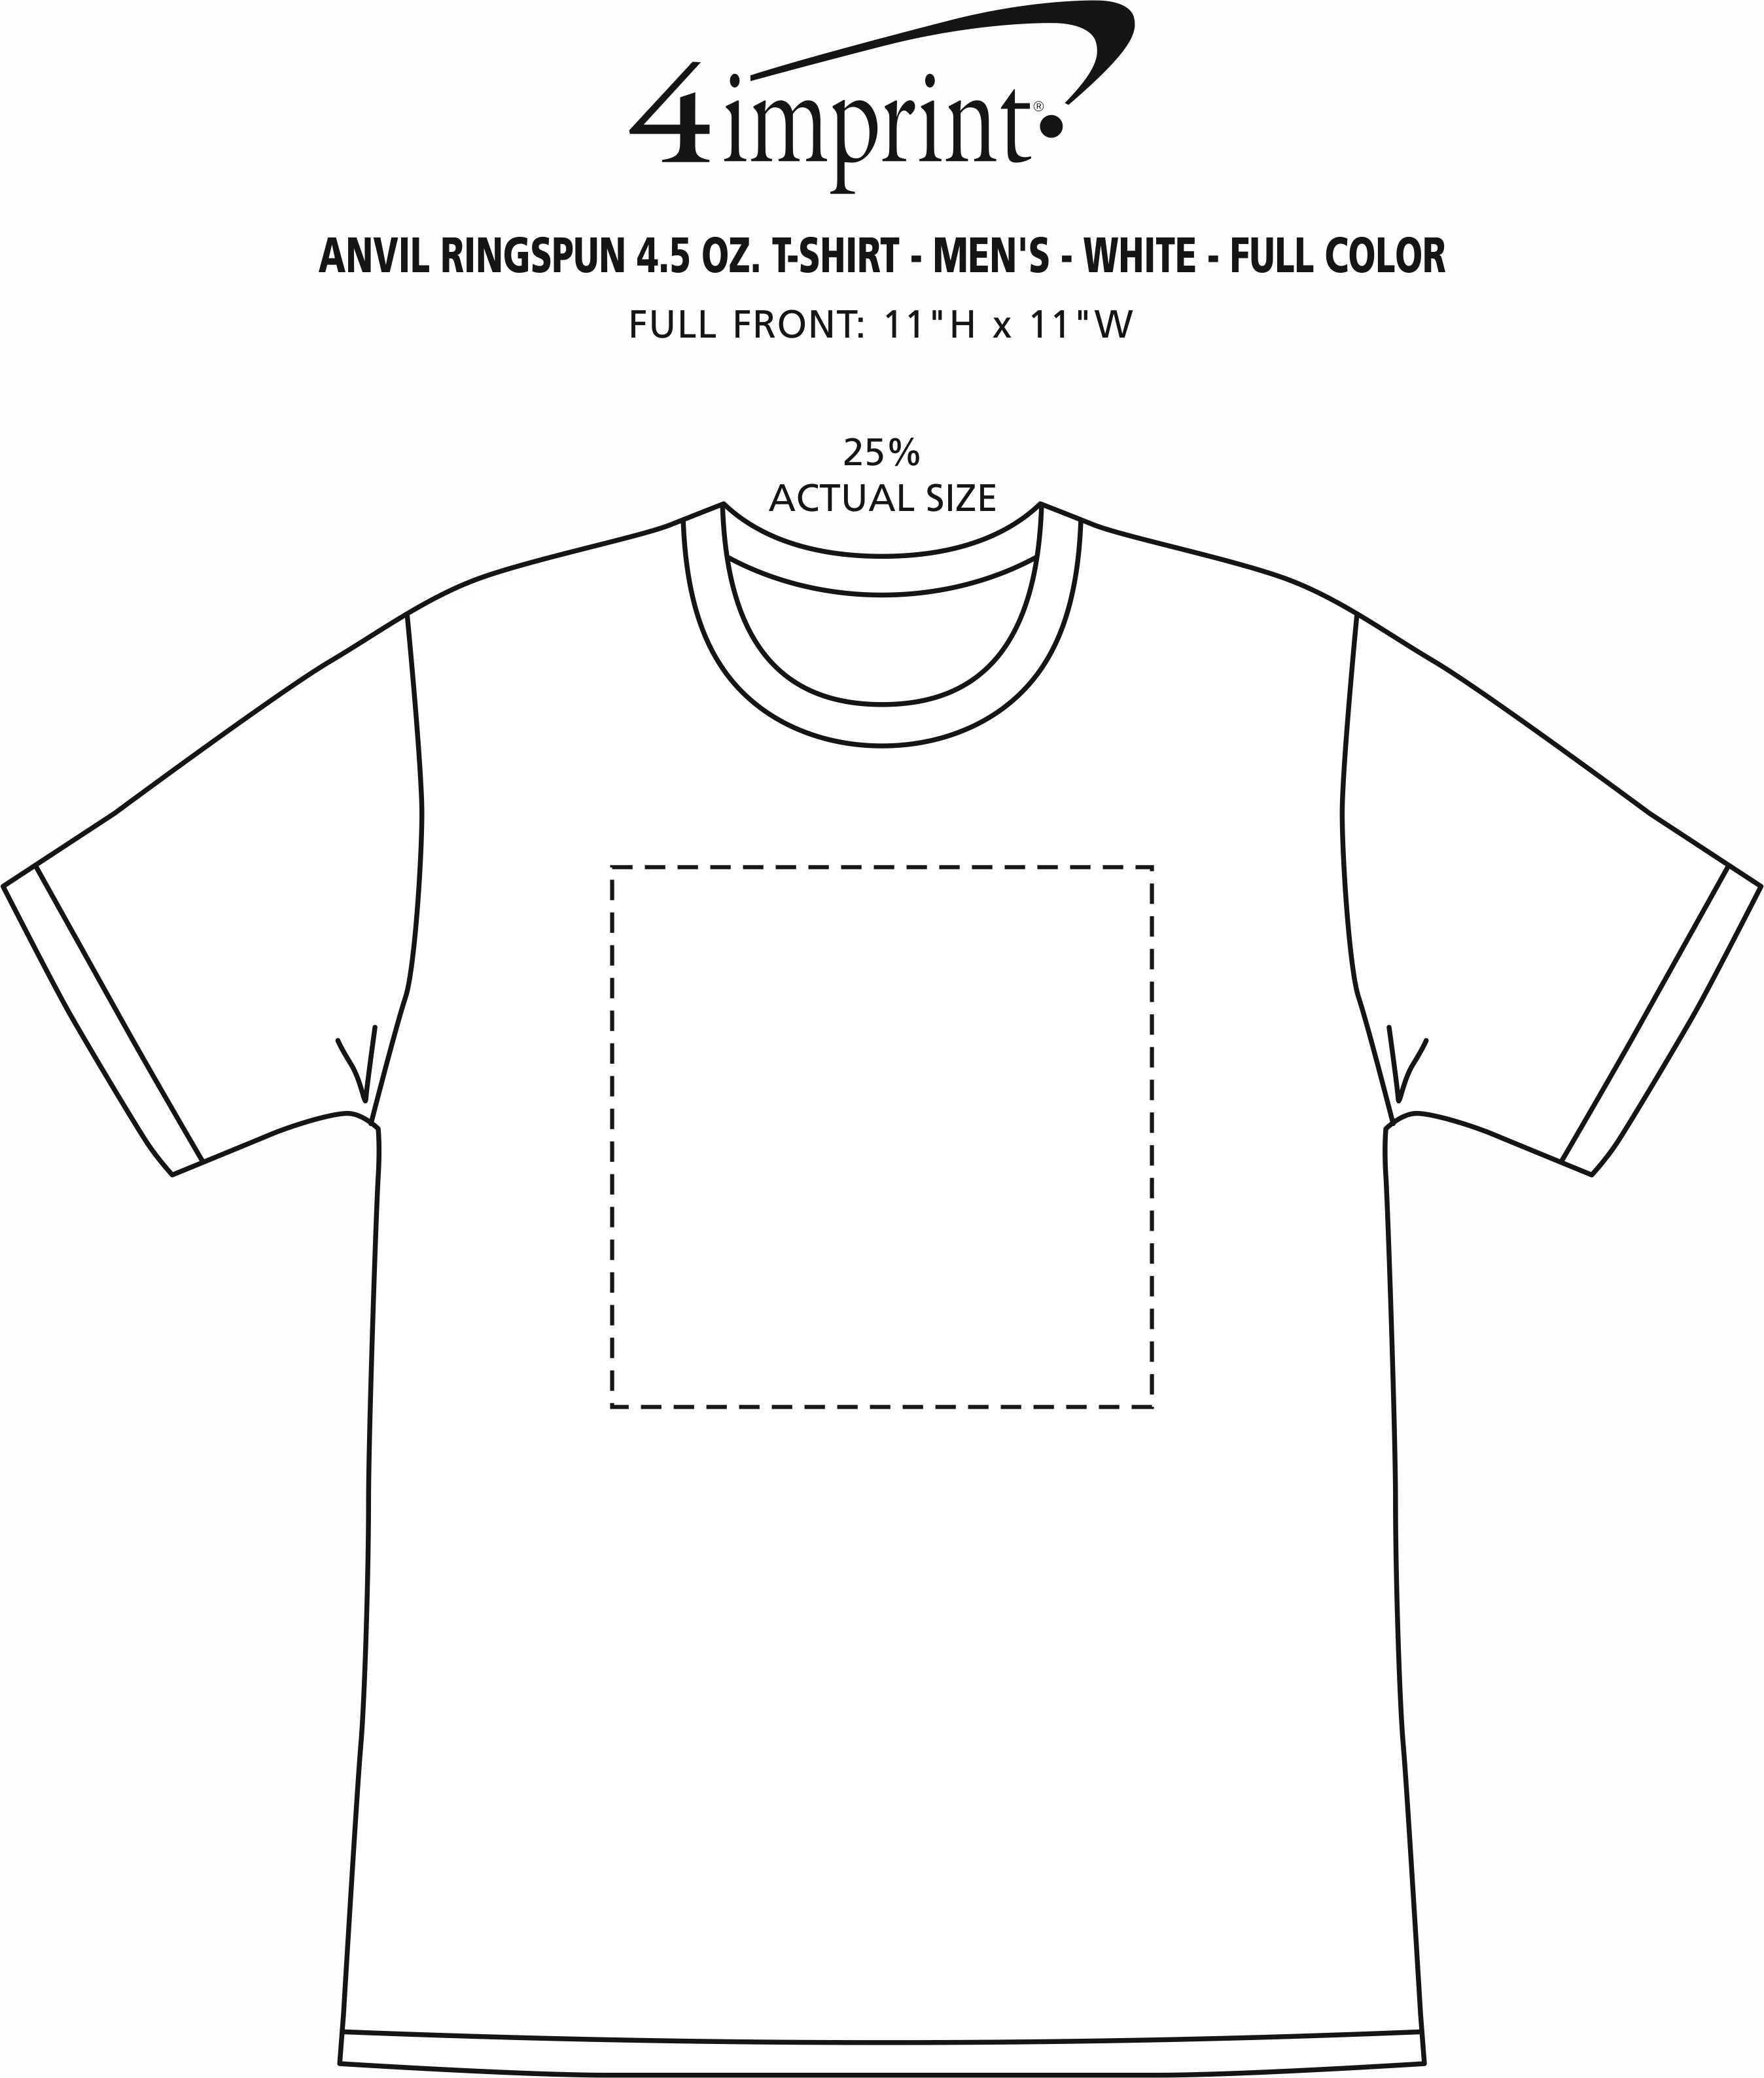 Imprint Area of Anvil Ringspun 4.5 oz. T-Shirt - Men's - White - Full Color